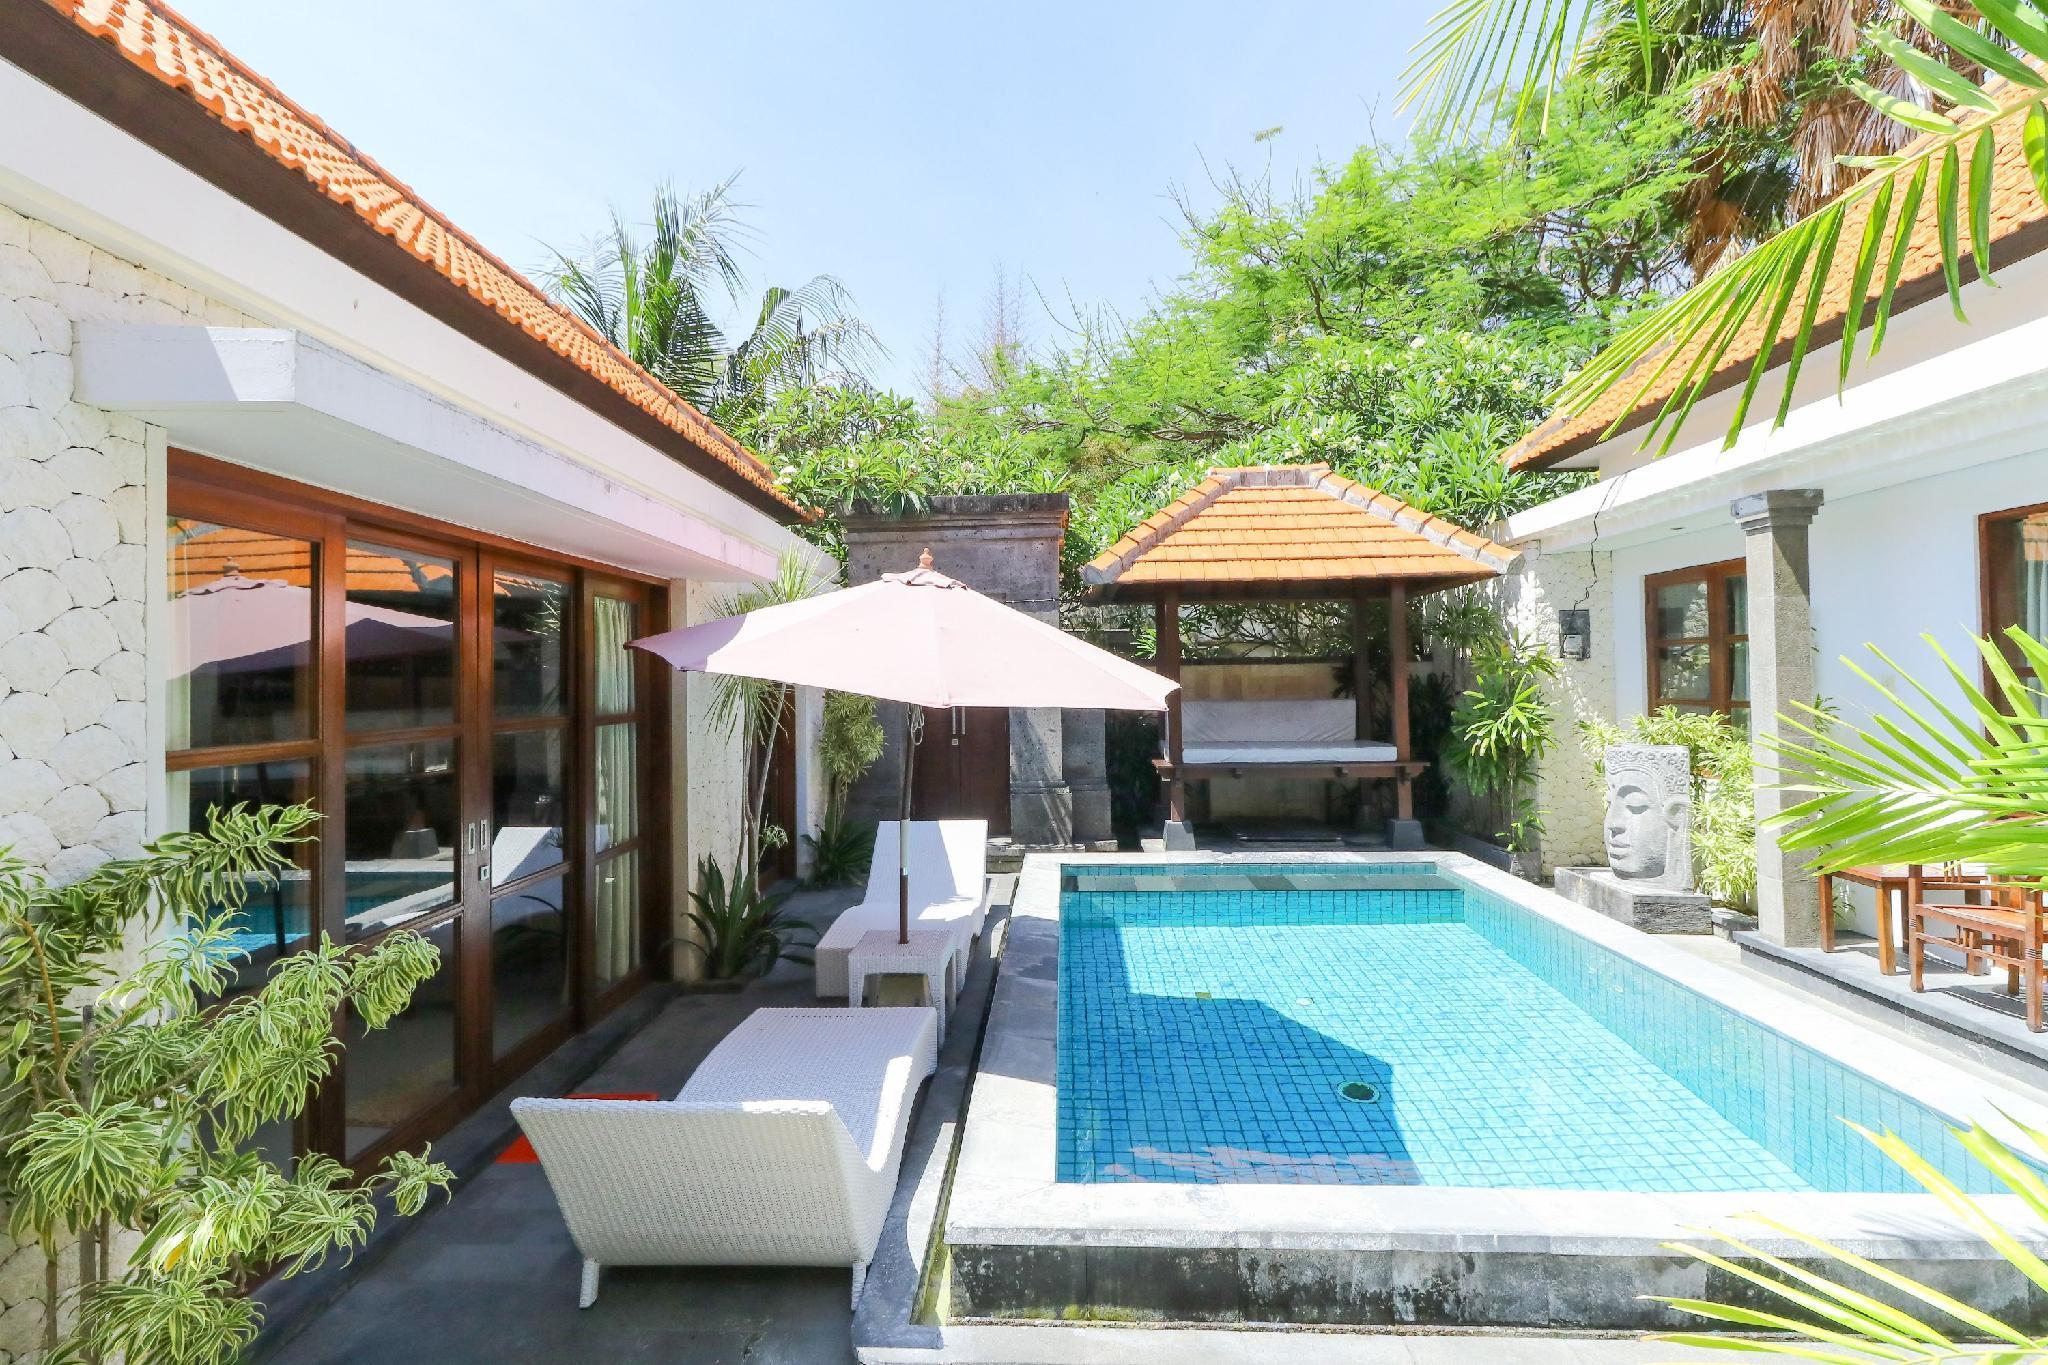 Bali Sanur Beach Villas